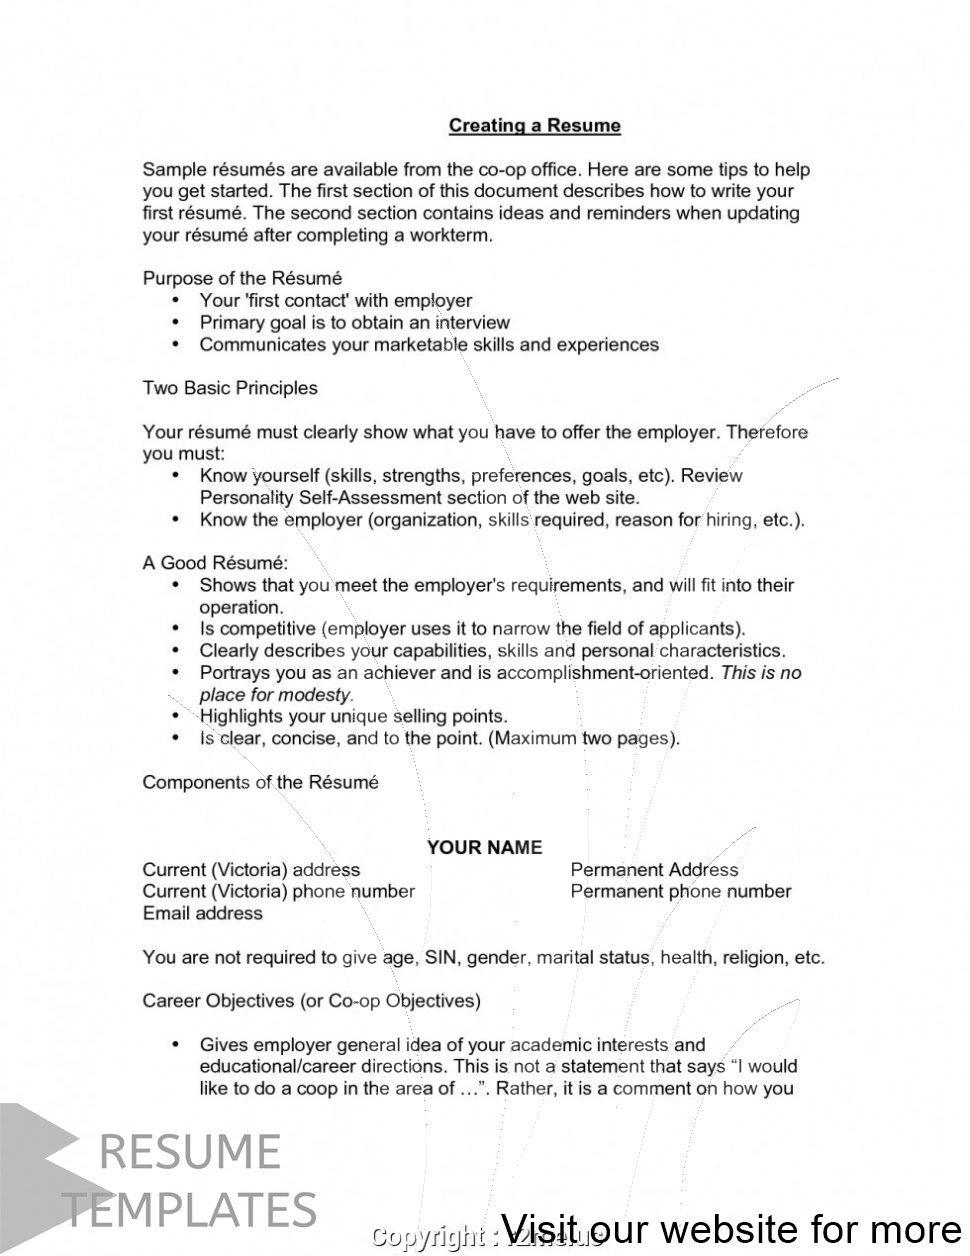 best free resume builder site 2020 in 2020 Good resume